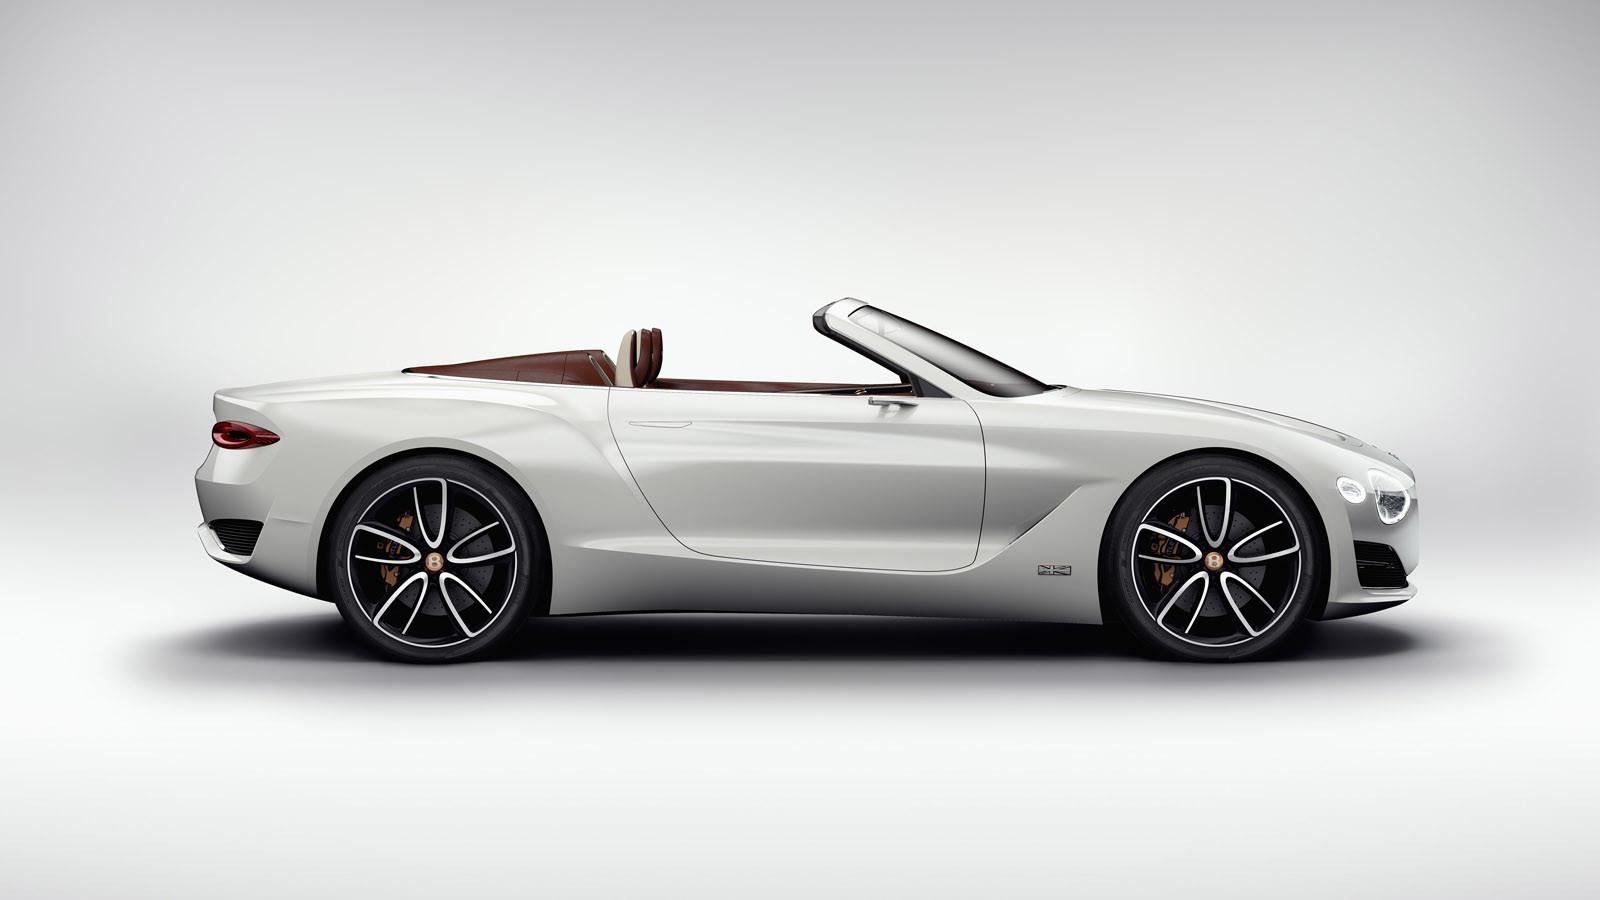 Foto de Bentley EXP 12 Speed 6e concept (6/11)